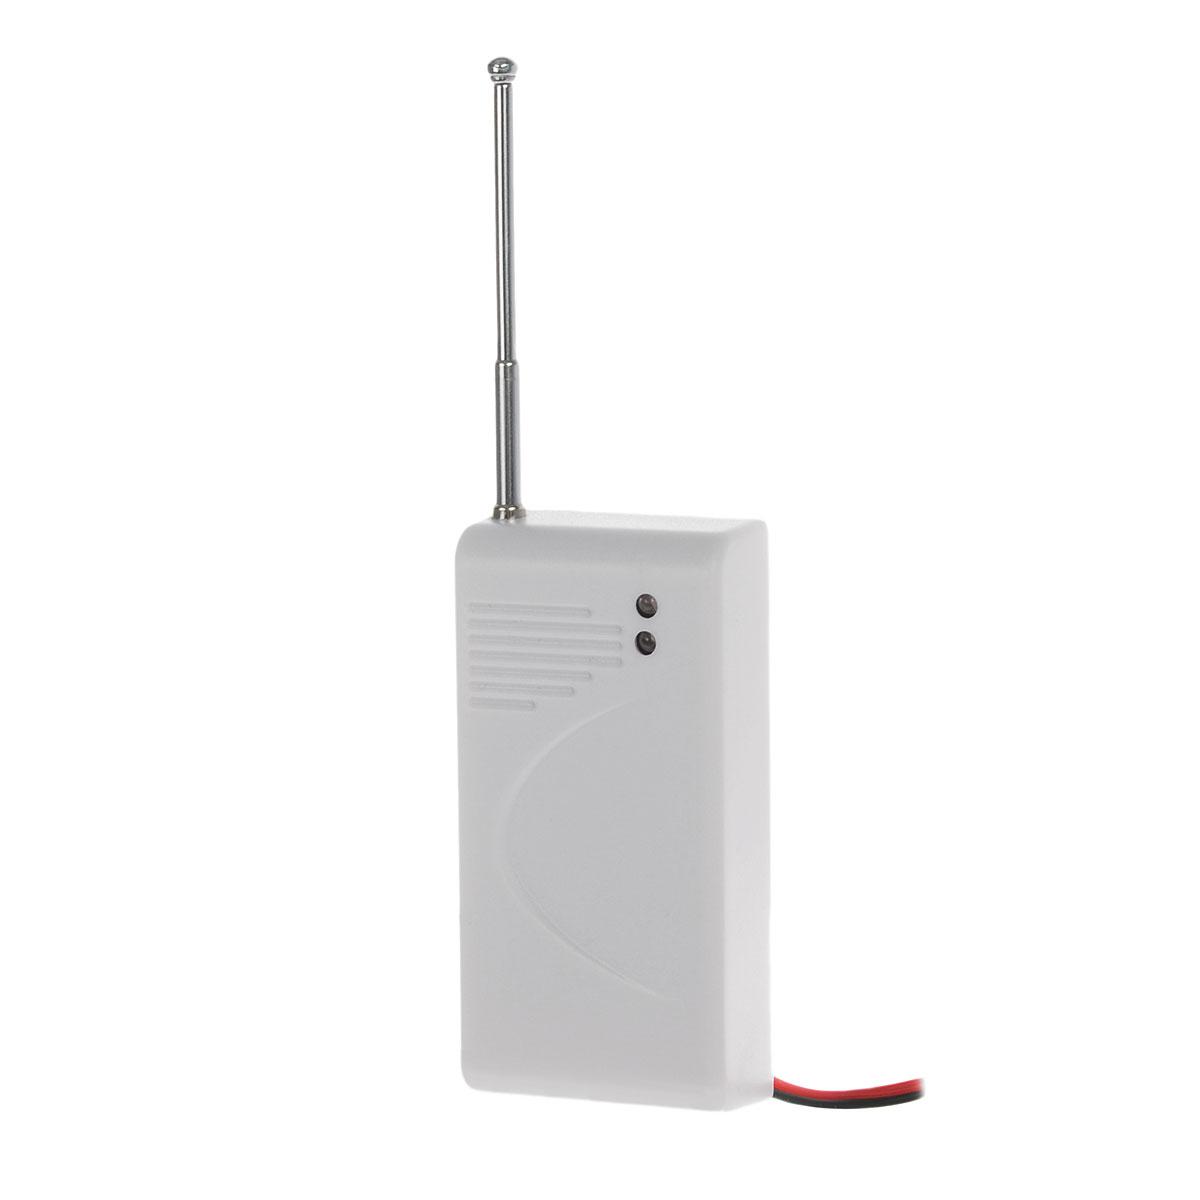 Sapsan WS-100 беспроводной датчик протечки водыWS-100Беспроводной датчик протечки воды Sapsan WS-100 предназначен для контроля наличия или отсутствия воды или другой проводящей, не агрессивной жидкости в контролируемом объеме, посредством коммутации электрических цепей постоянного или переменного тока исполнительных реле. Контактная площадка располагается на предполагаемой поверхности затопления. Отсутствие проводов, простота установки Индикатор низкого уровня заряда батареи Напряжение питания: 12 В DC (элемент питания А23) Потребляемый ток: 180 мА Дистанция передачи (при прямой видимости): 100 м Отправка сигнала тревоги по радиоканалу